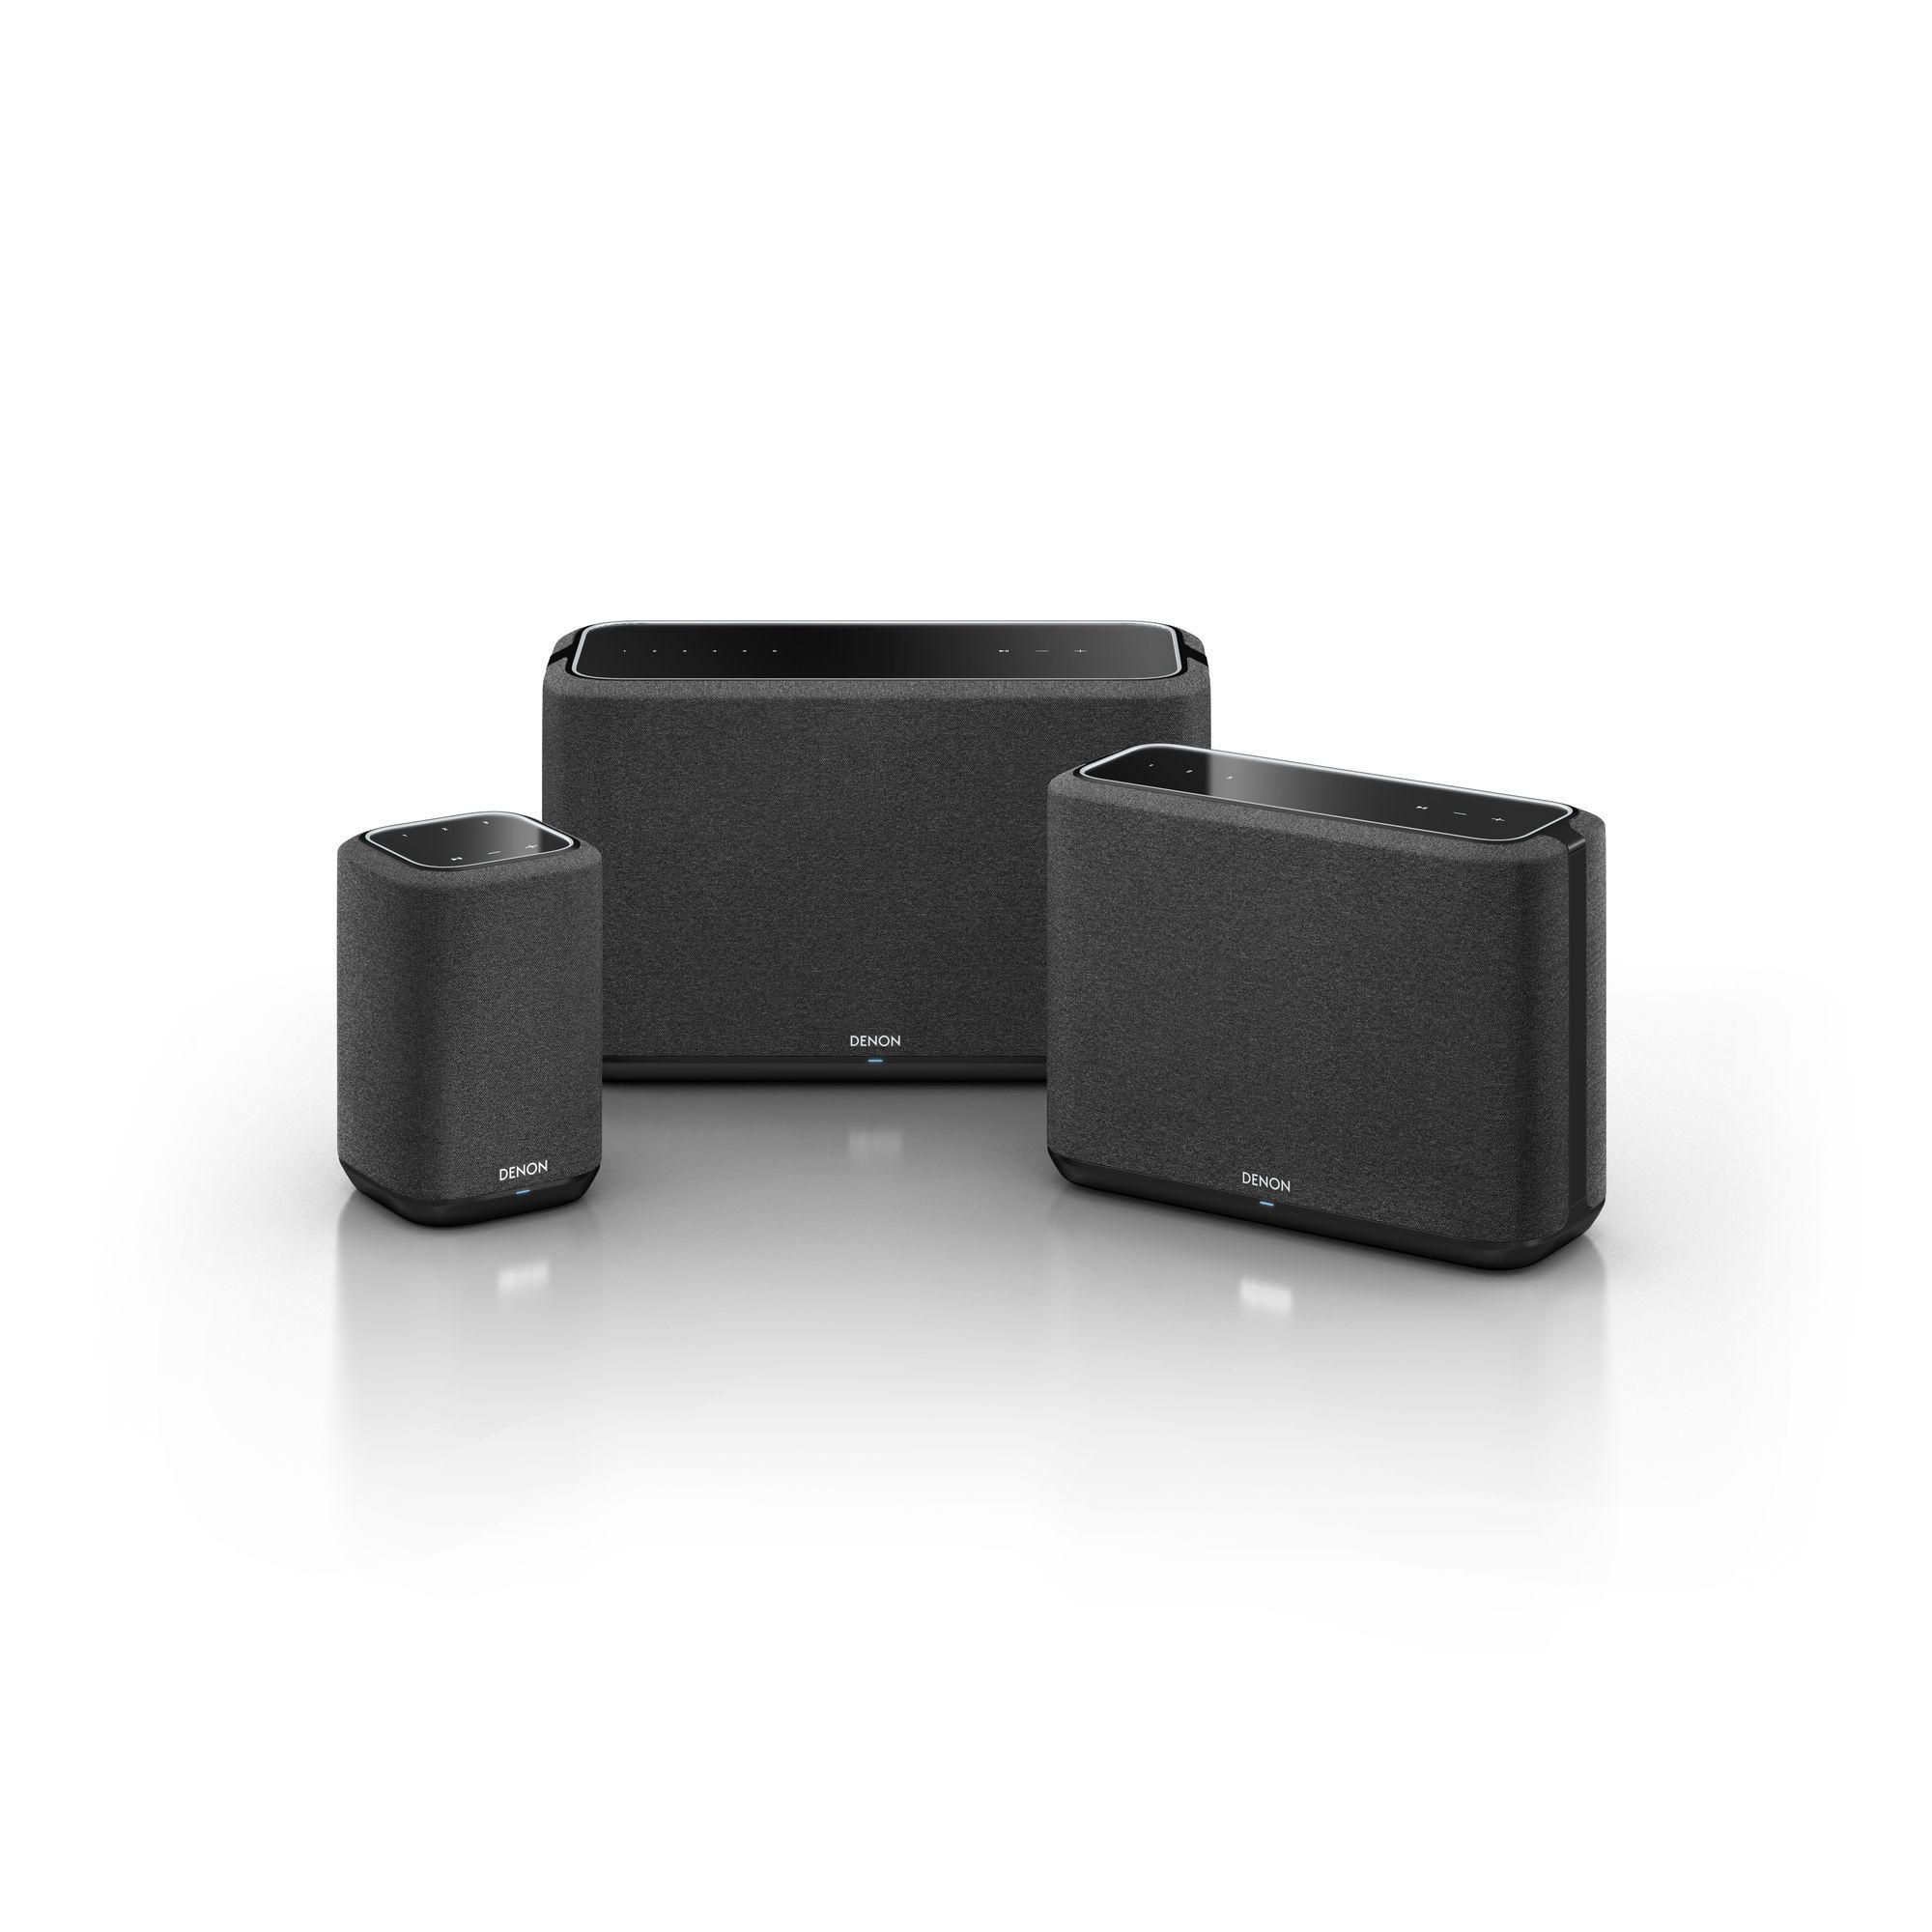 Alles over de nieuwe Denon Home Draadloze Speakers